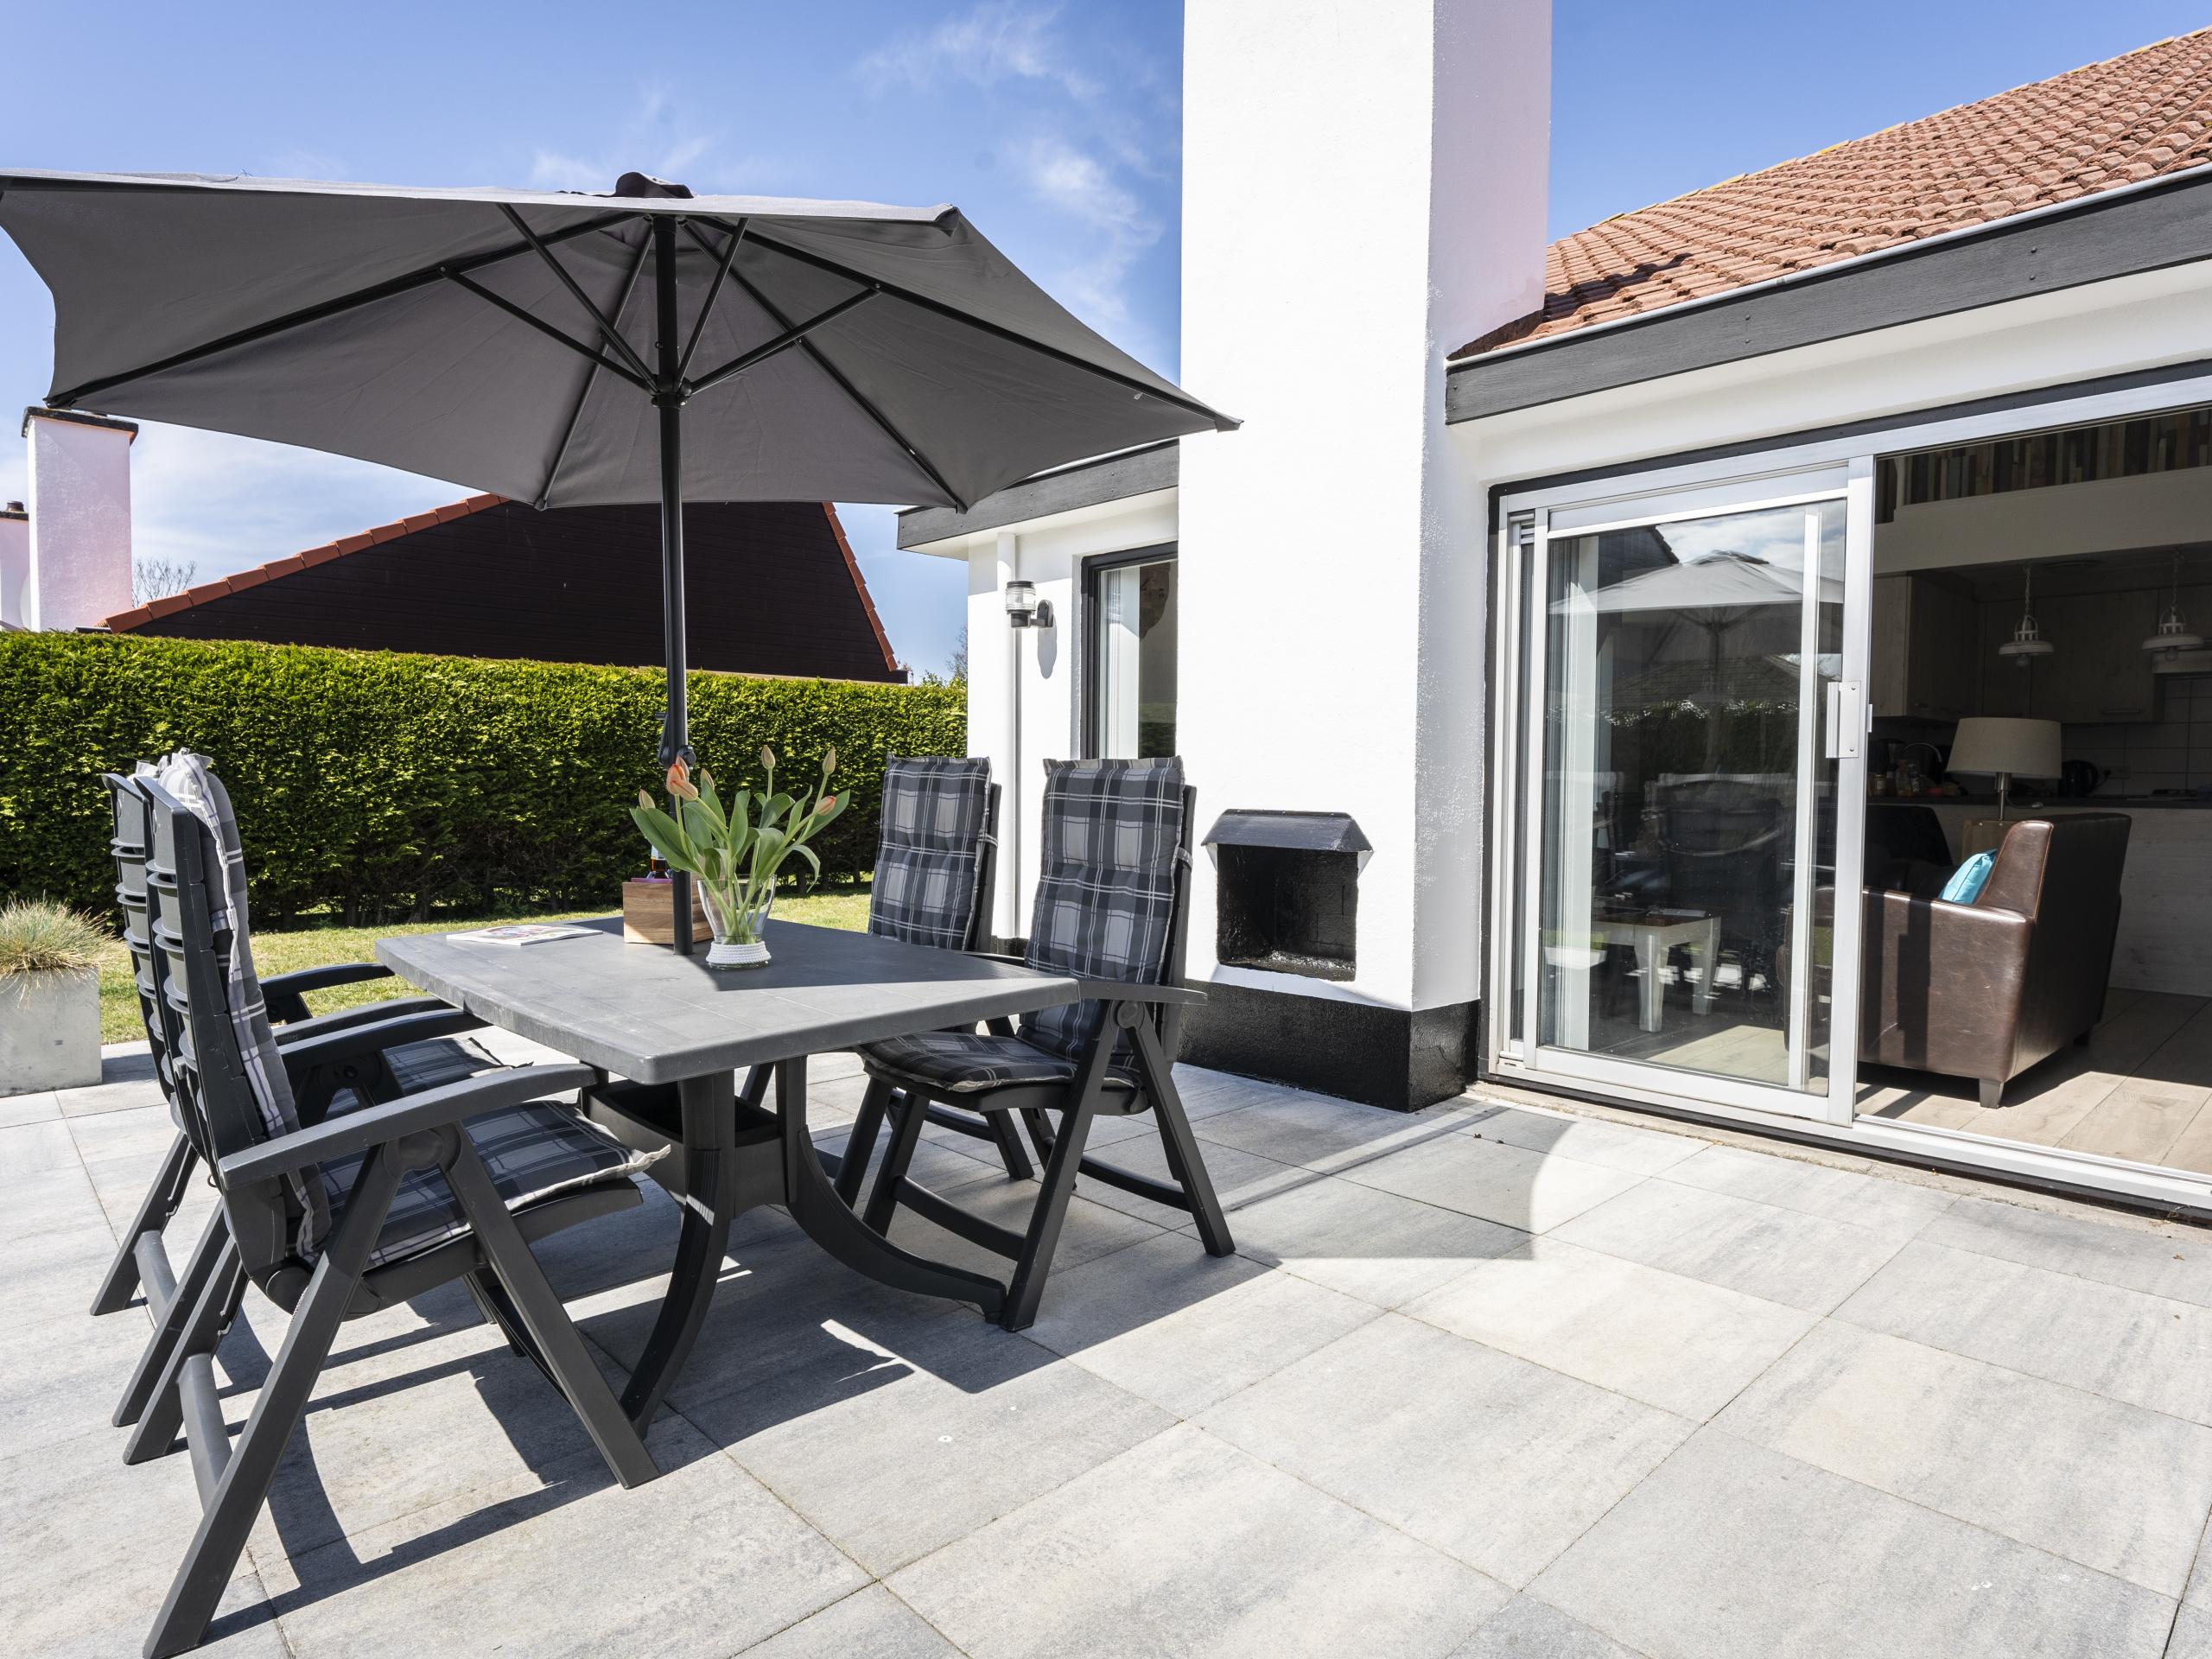 Sfeervol vakantiehuis met open haard en rustige ligging in het Dennenbos